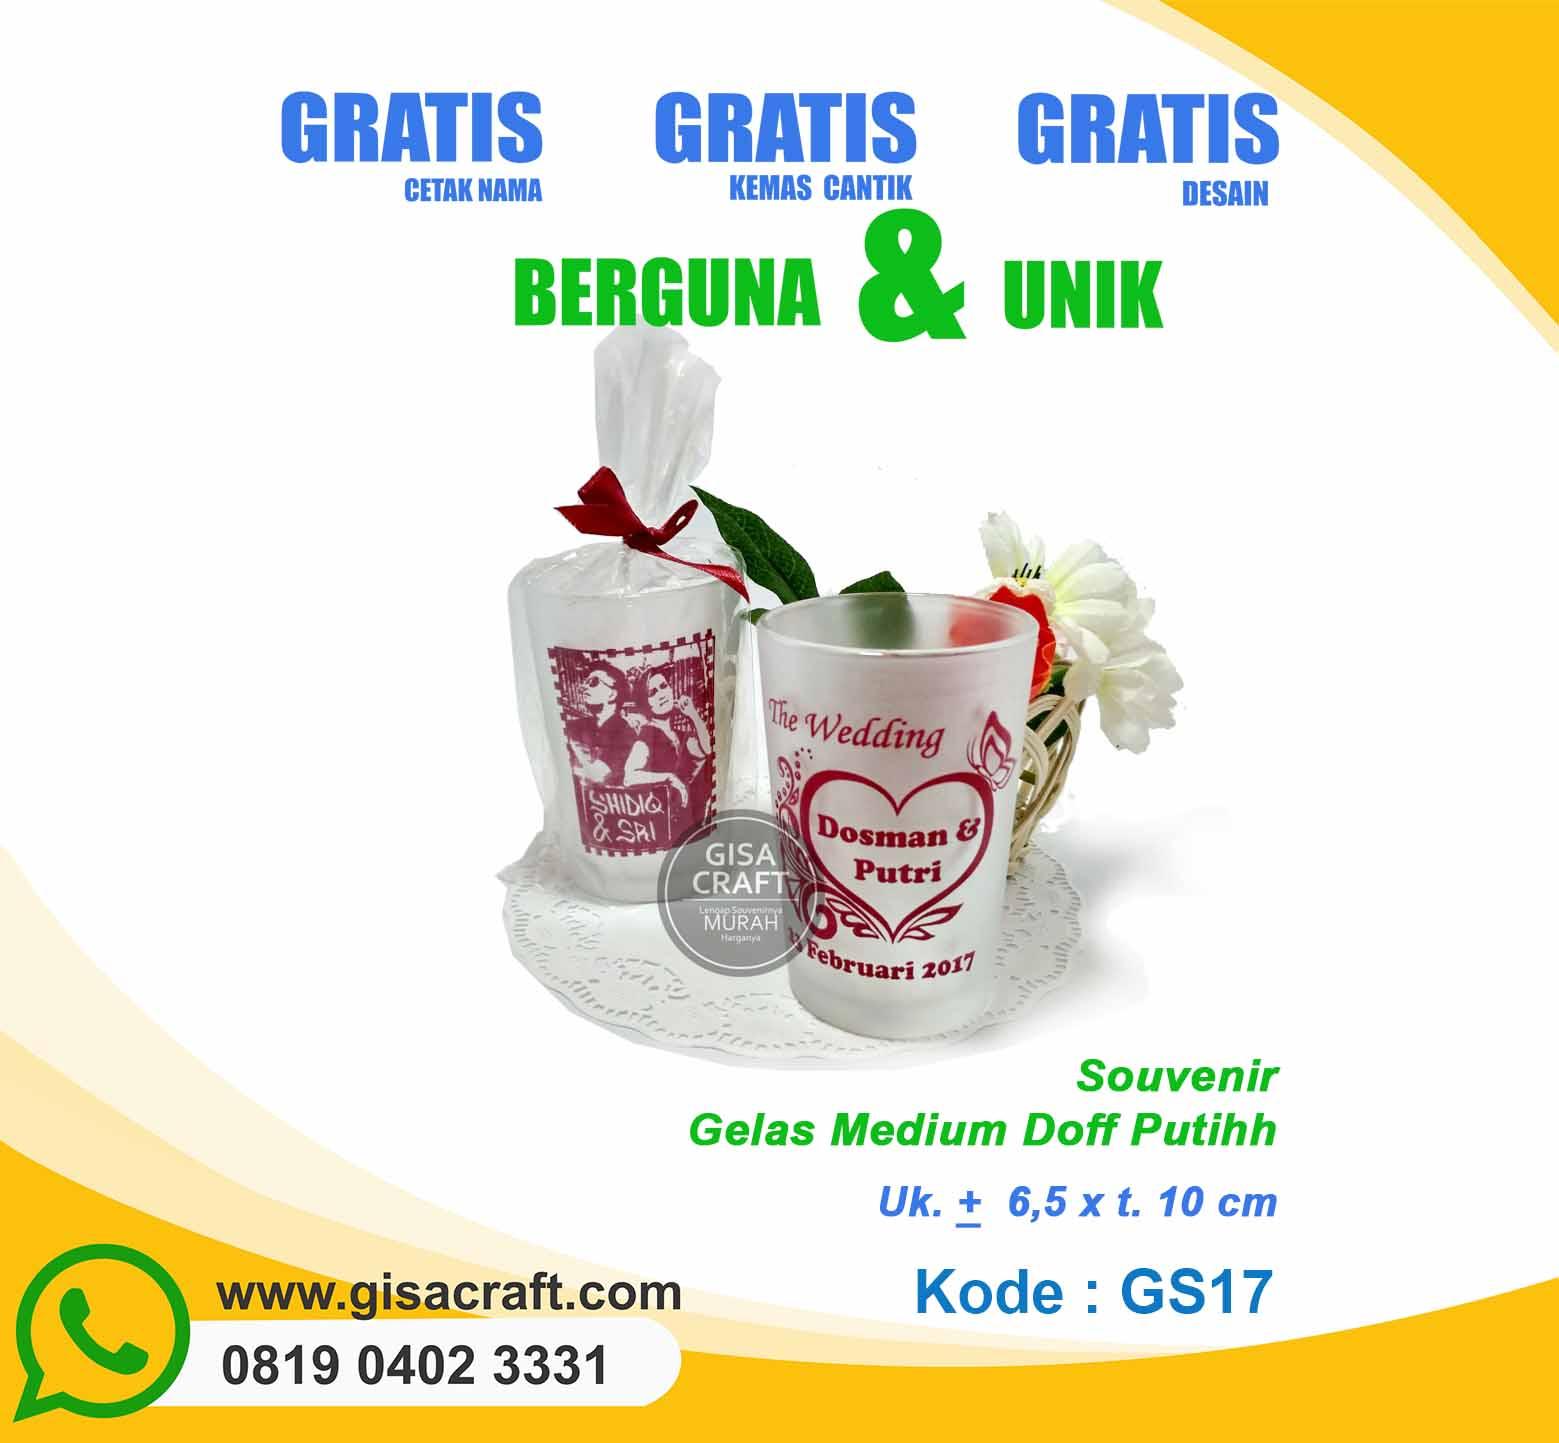 Souvenir Gelas Medium Doff Putih GS17